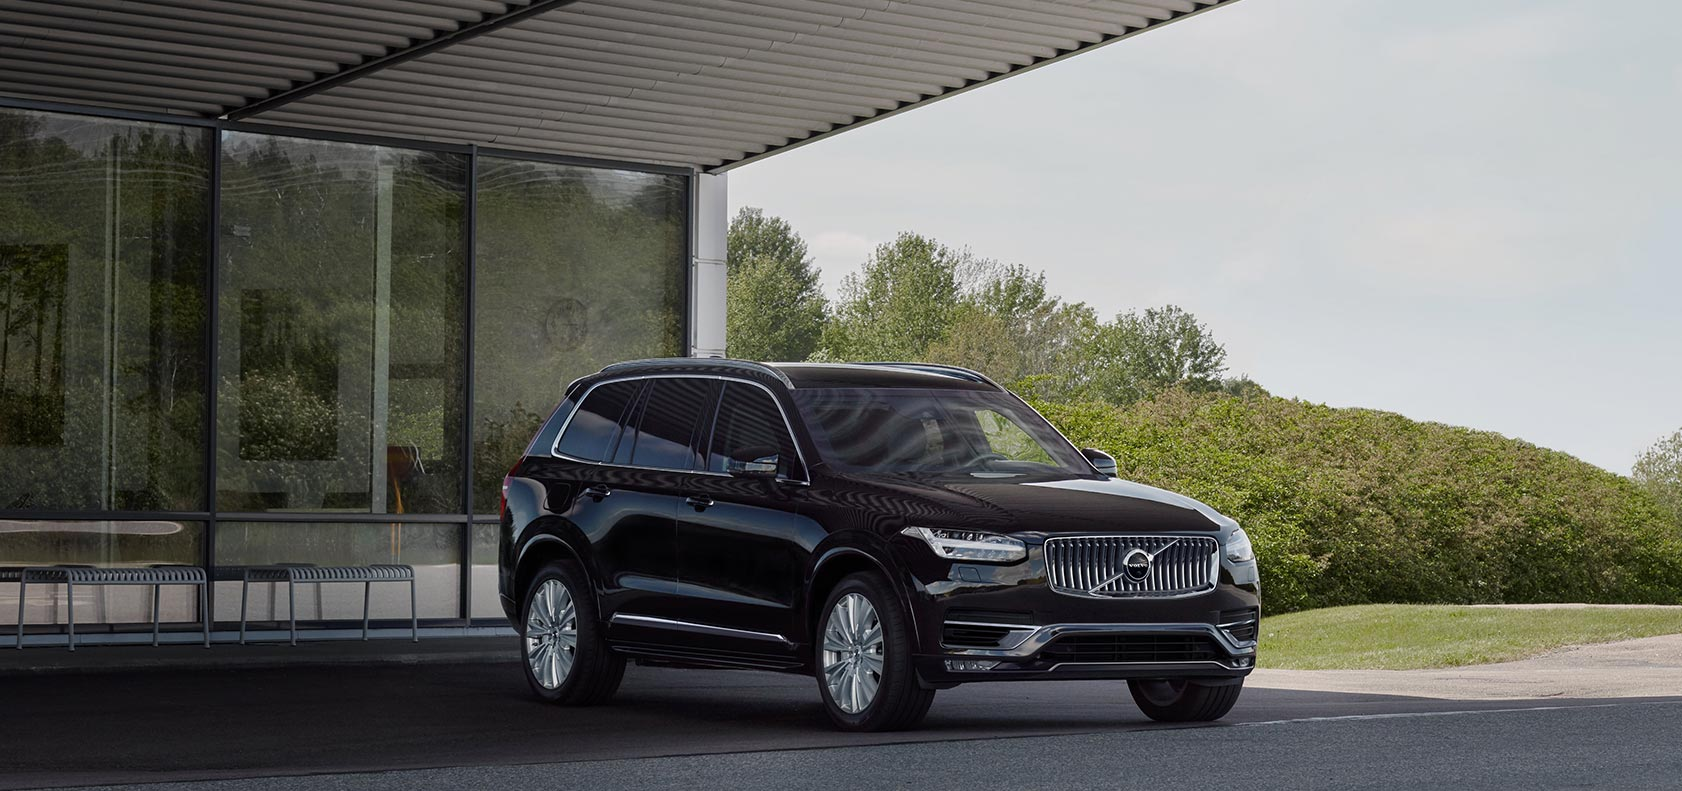 Ein schwarzer Volvo XC90 unter einem Carport